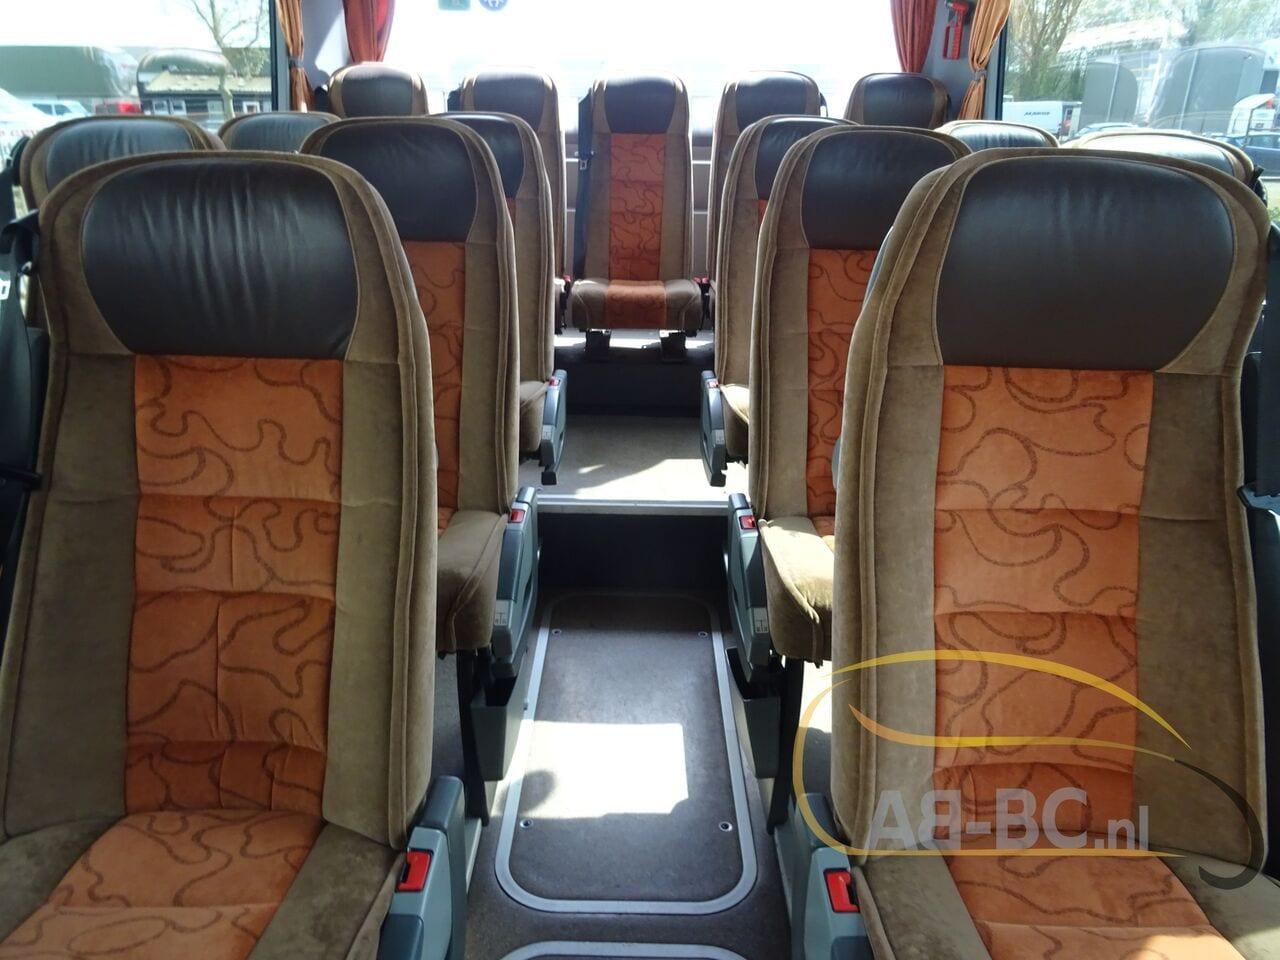 coach-busSETRA-S416H-48-SEATS-LIFTBUS---1620309925401431902_big_1ec481bb9084be7b3ed90304d88052d2--21050616581387095000